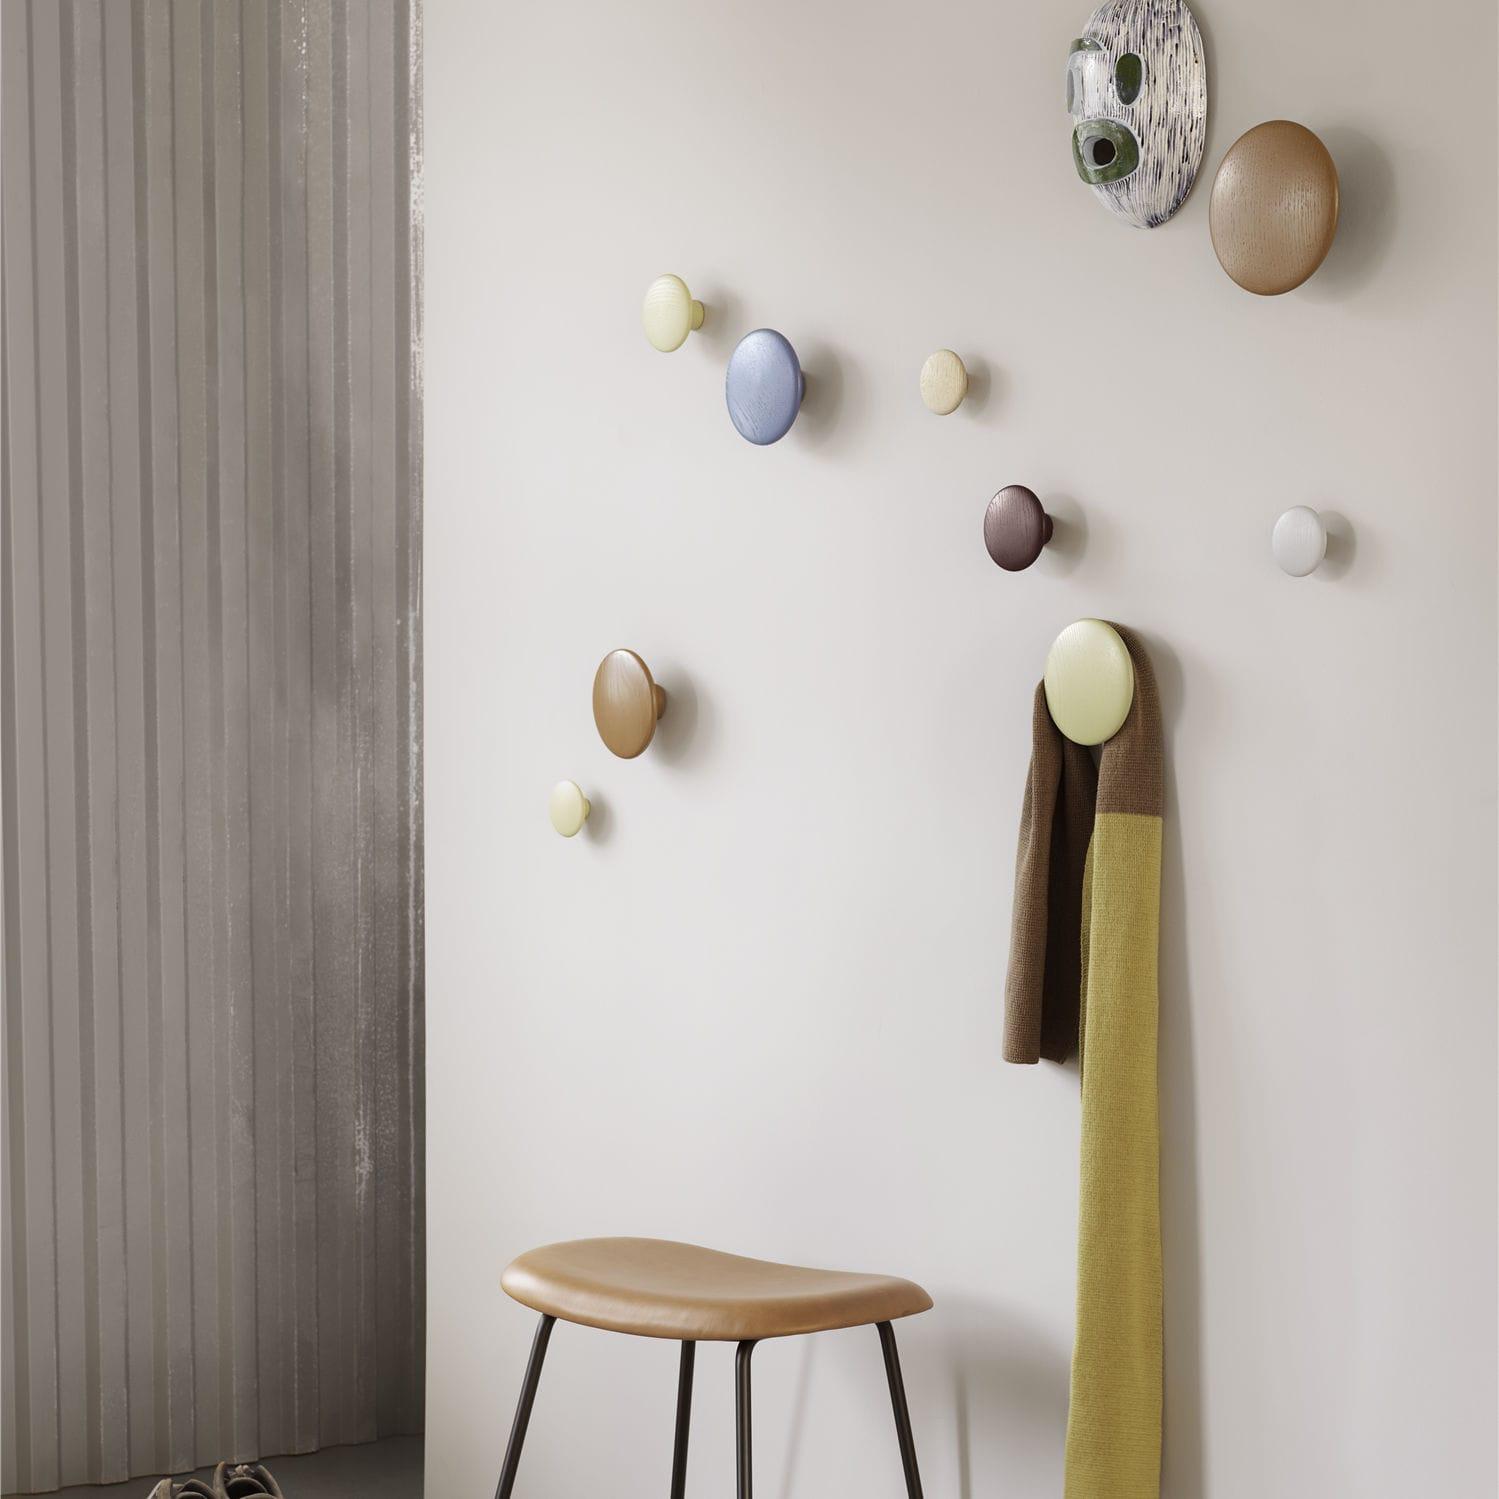 Appendiabiti A Muro Moderni.Appendiabiti A Muro Moderno In Legno The Dots By Lars Tornoe